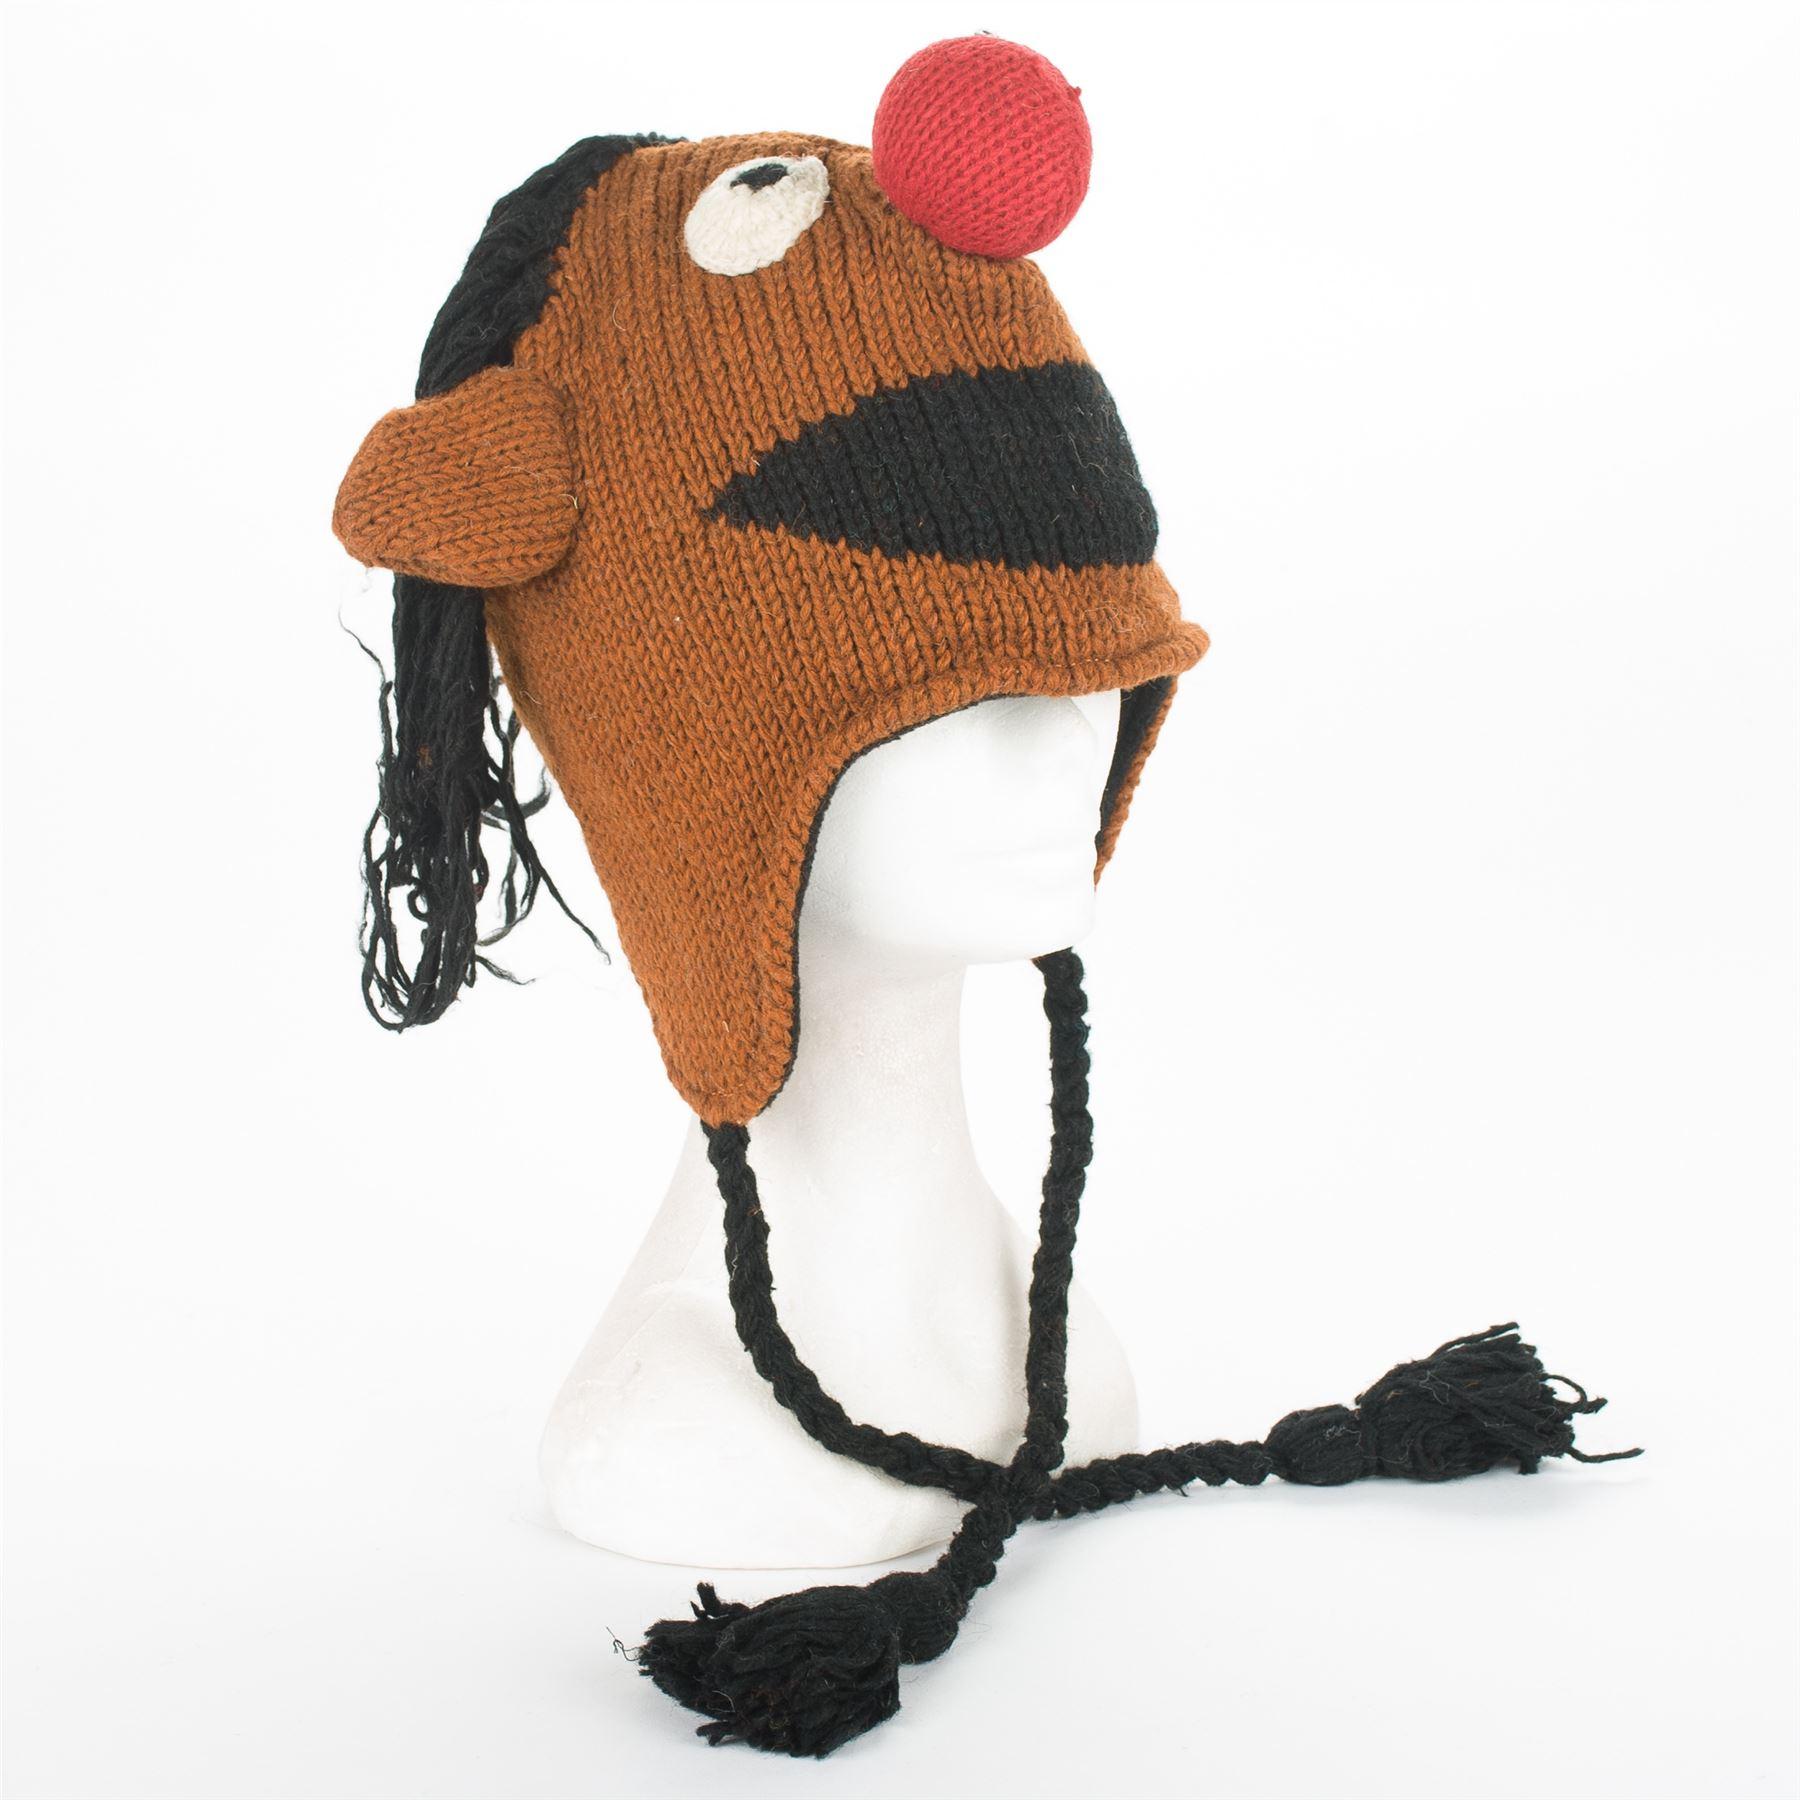 Details about Handmade 100% Wool Unisex Winter Nepal Hat, Muppet Show  Sesame Street